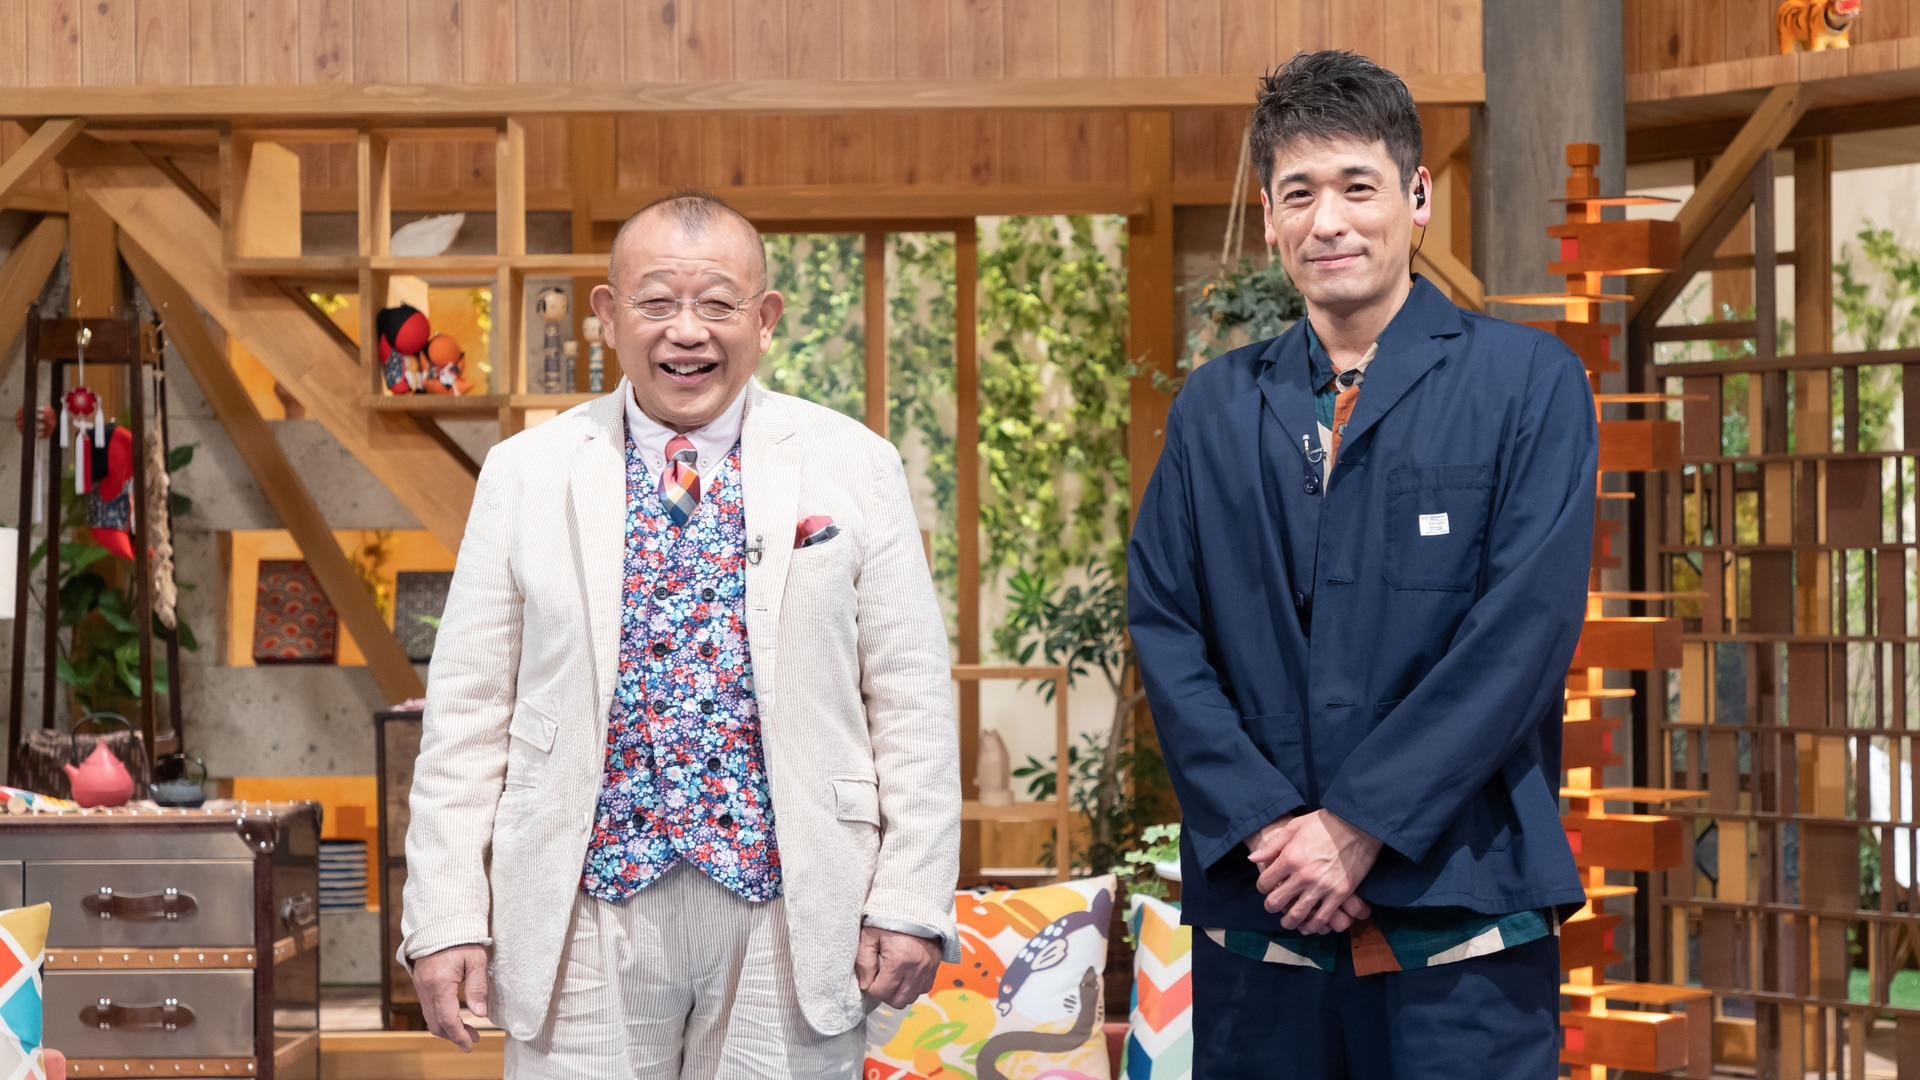 特別編 佐藤隆太と福岡スペシャル」 - 鶴瓶の家族に乾杯 - NHK